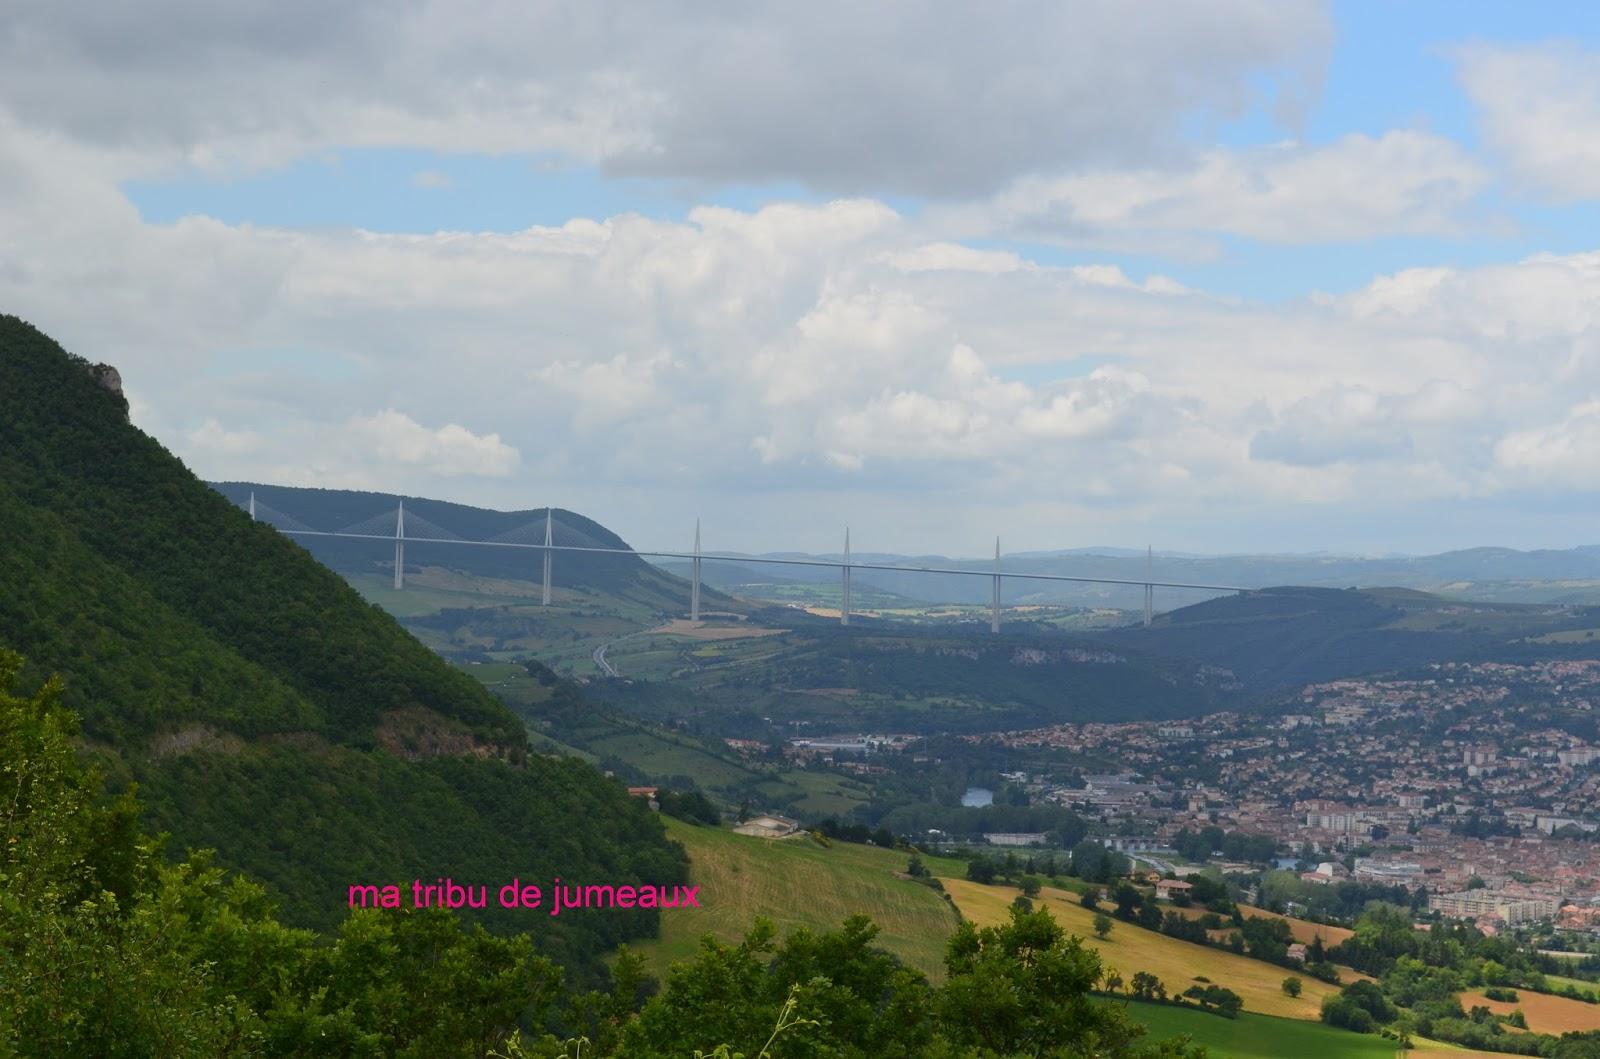 Ma tribu de jumeaux, : Un week-end dans l\' Aveyron au Cun du ...